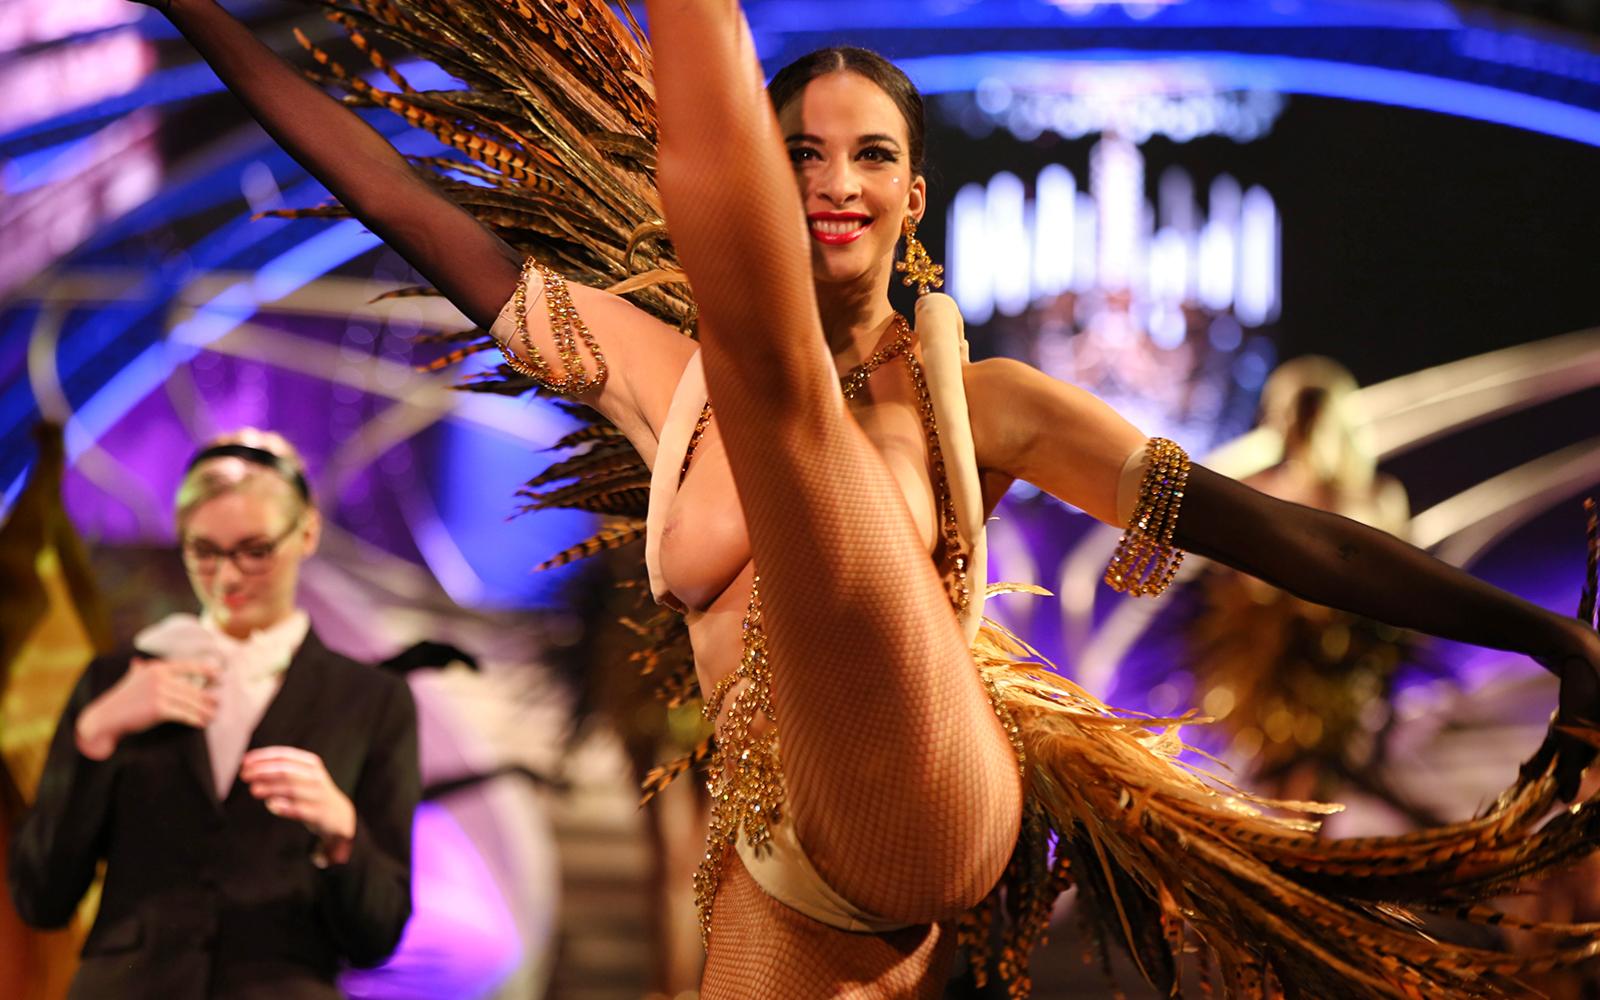 Секс шоу с голыми ведущими, Голое ТВ Каталог эротического видео 15 фотография